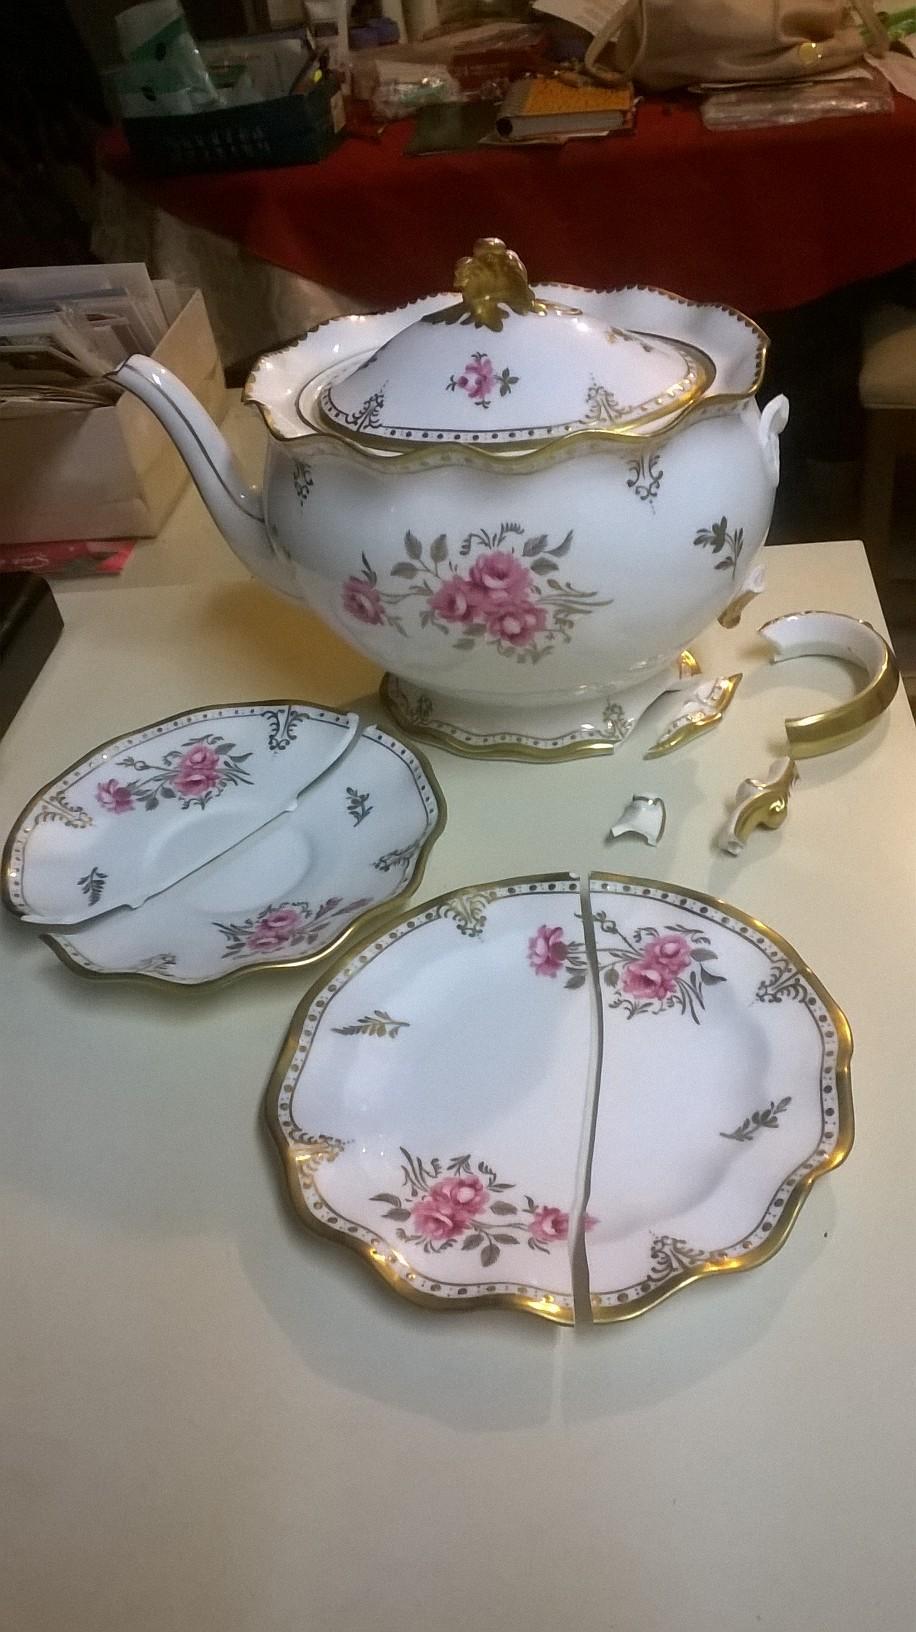 Broken teapot and saucers